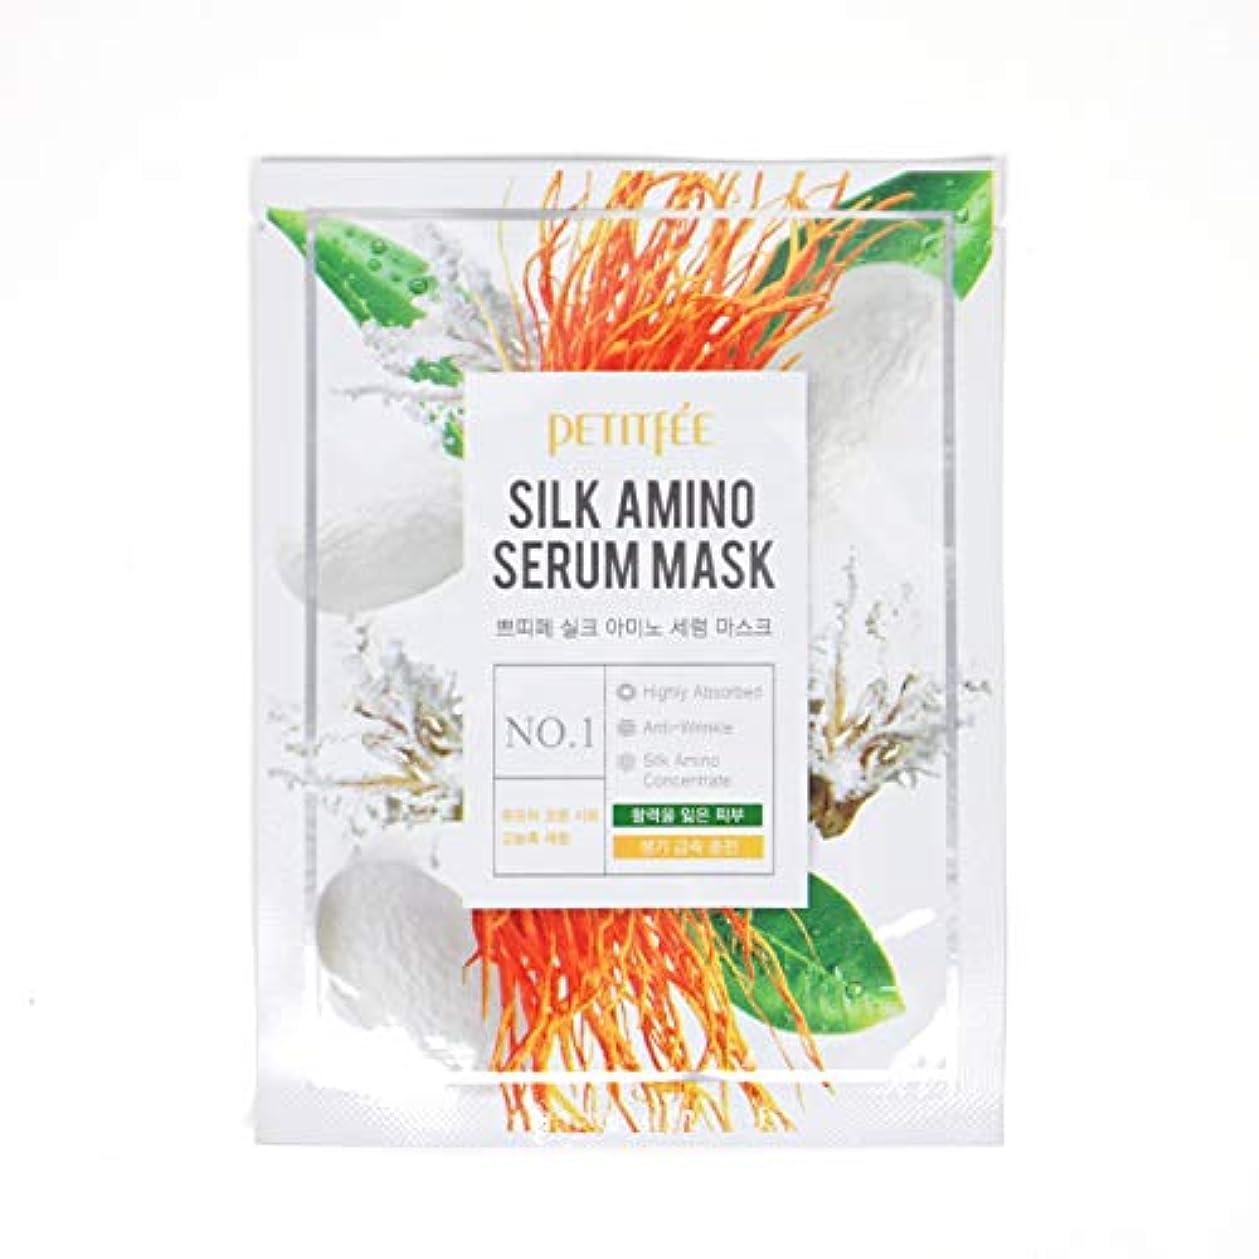 思いつく高いシエスタPETITFEE (プチペ) シルクアミノセラムマスク 25gx10P (保湿) / Silk Amino Serum Mask